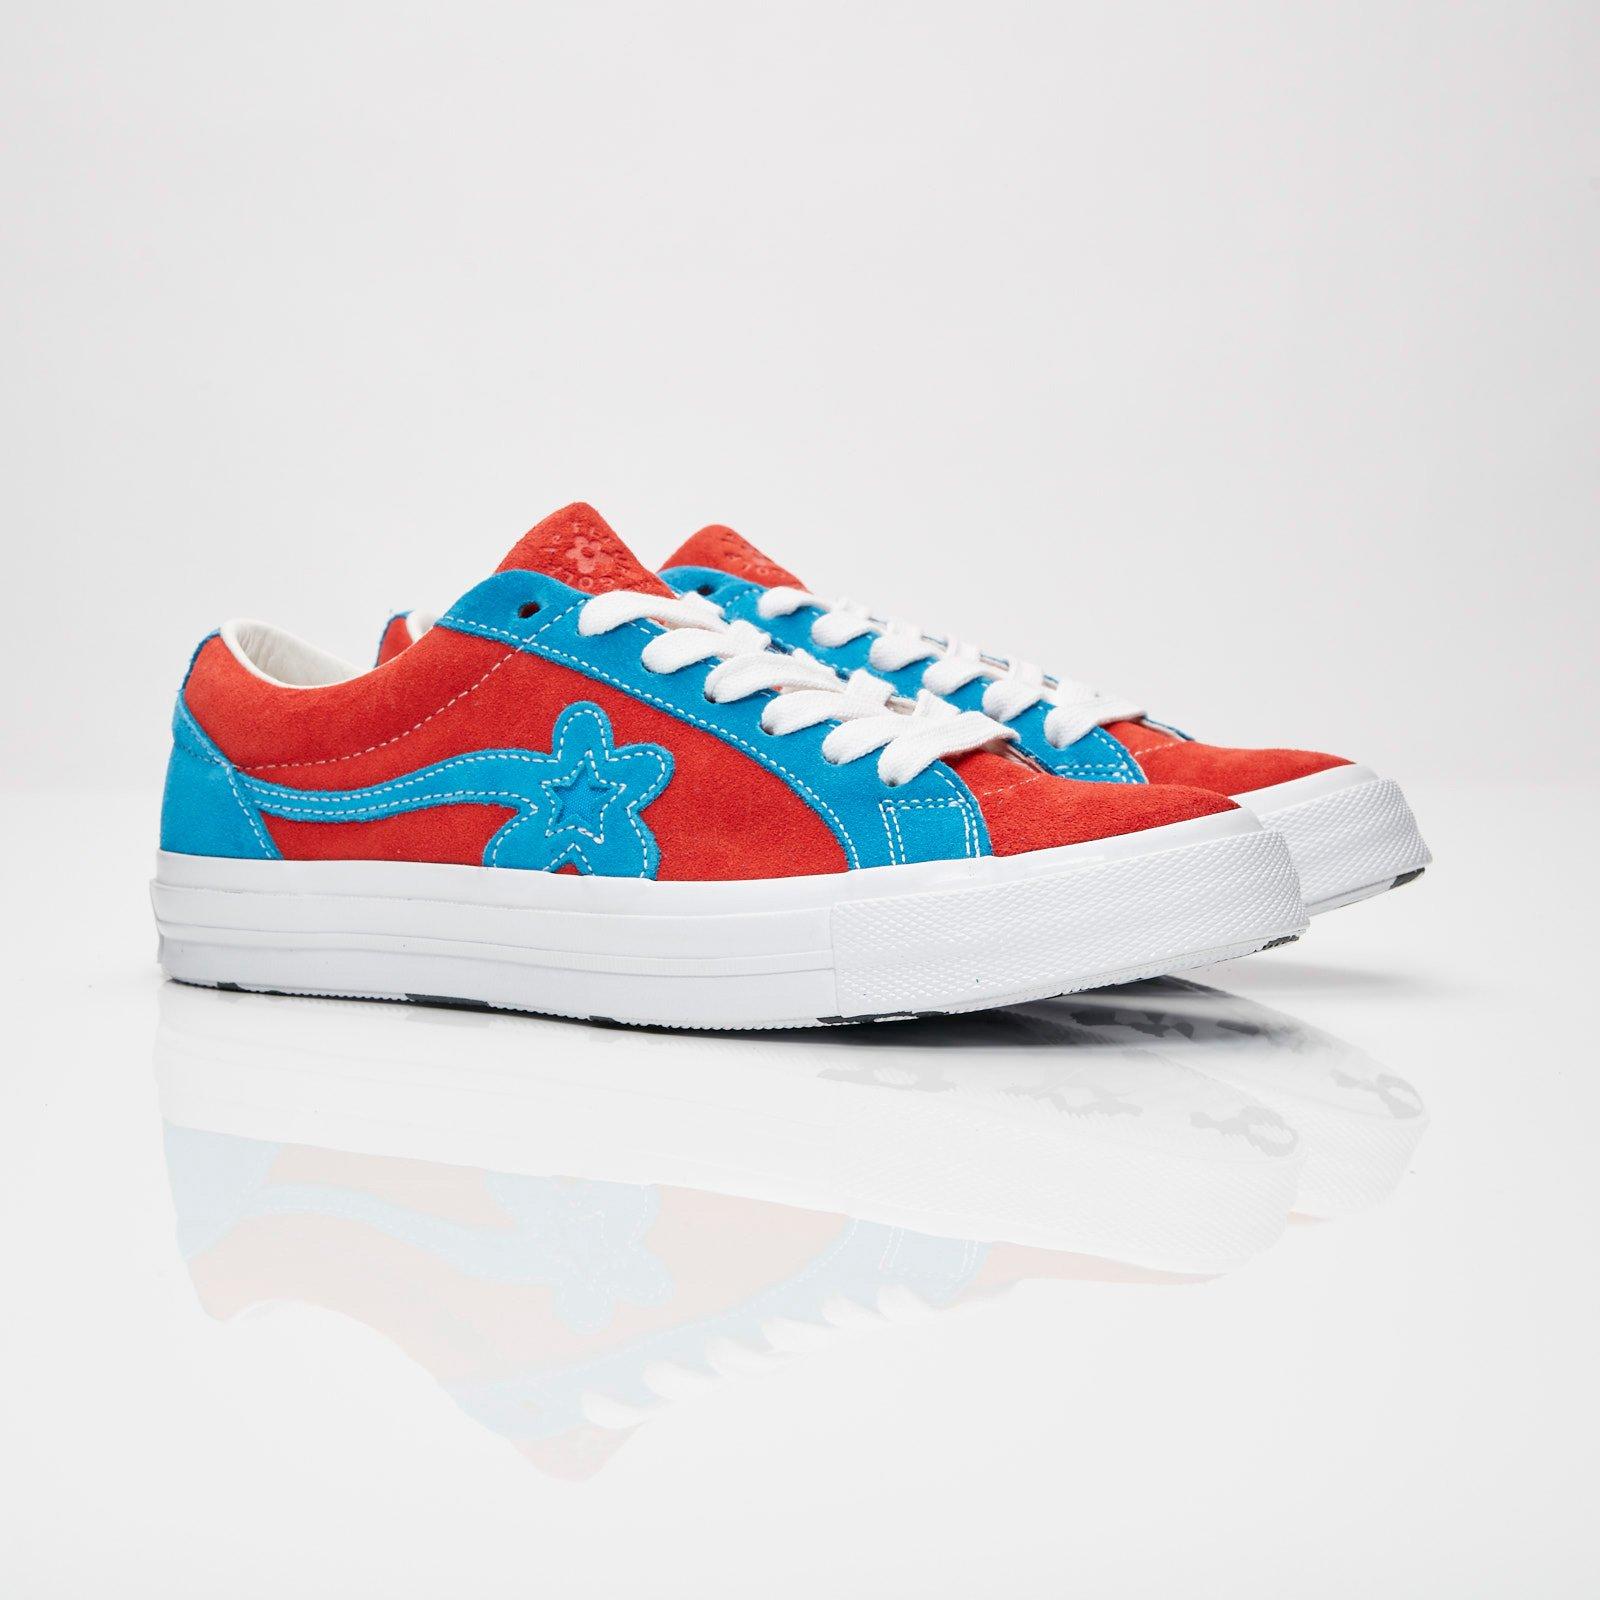 Converse One Star X Golf Le Fleur 162126c Sneakersnstuff Sneakers Streetwear Online Since 1999